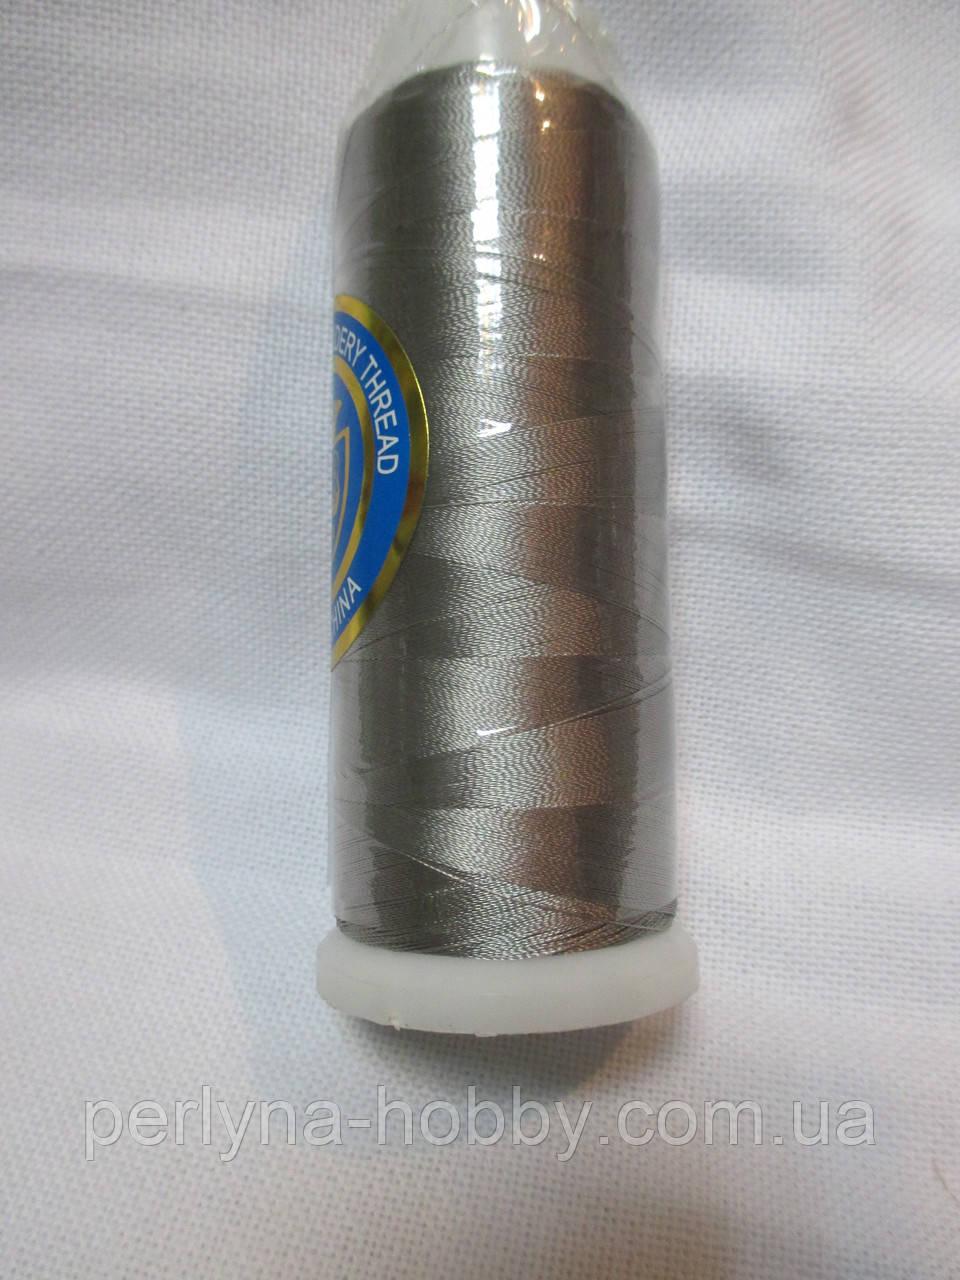 Нитки для машинної вишики 100% віскоза (100% rayon) 3000 ярдів, №427, сіра